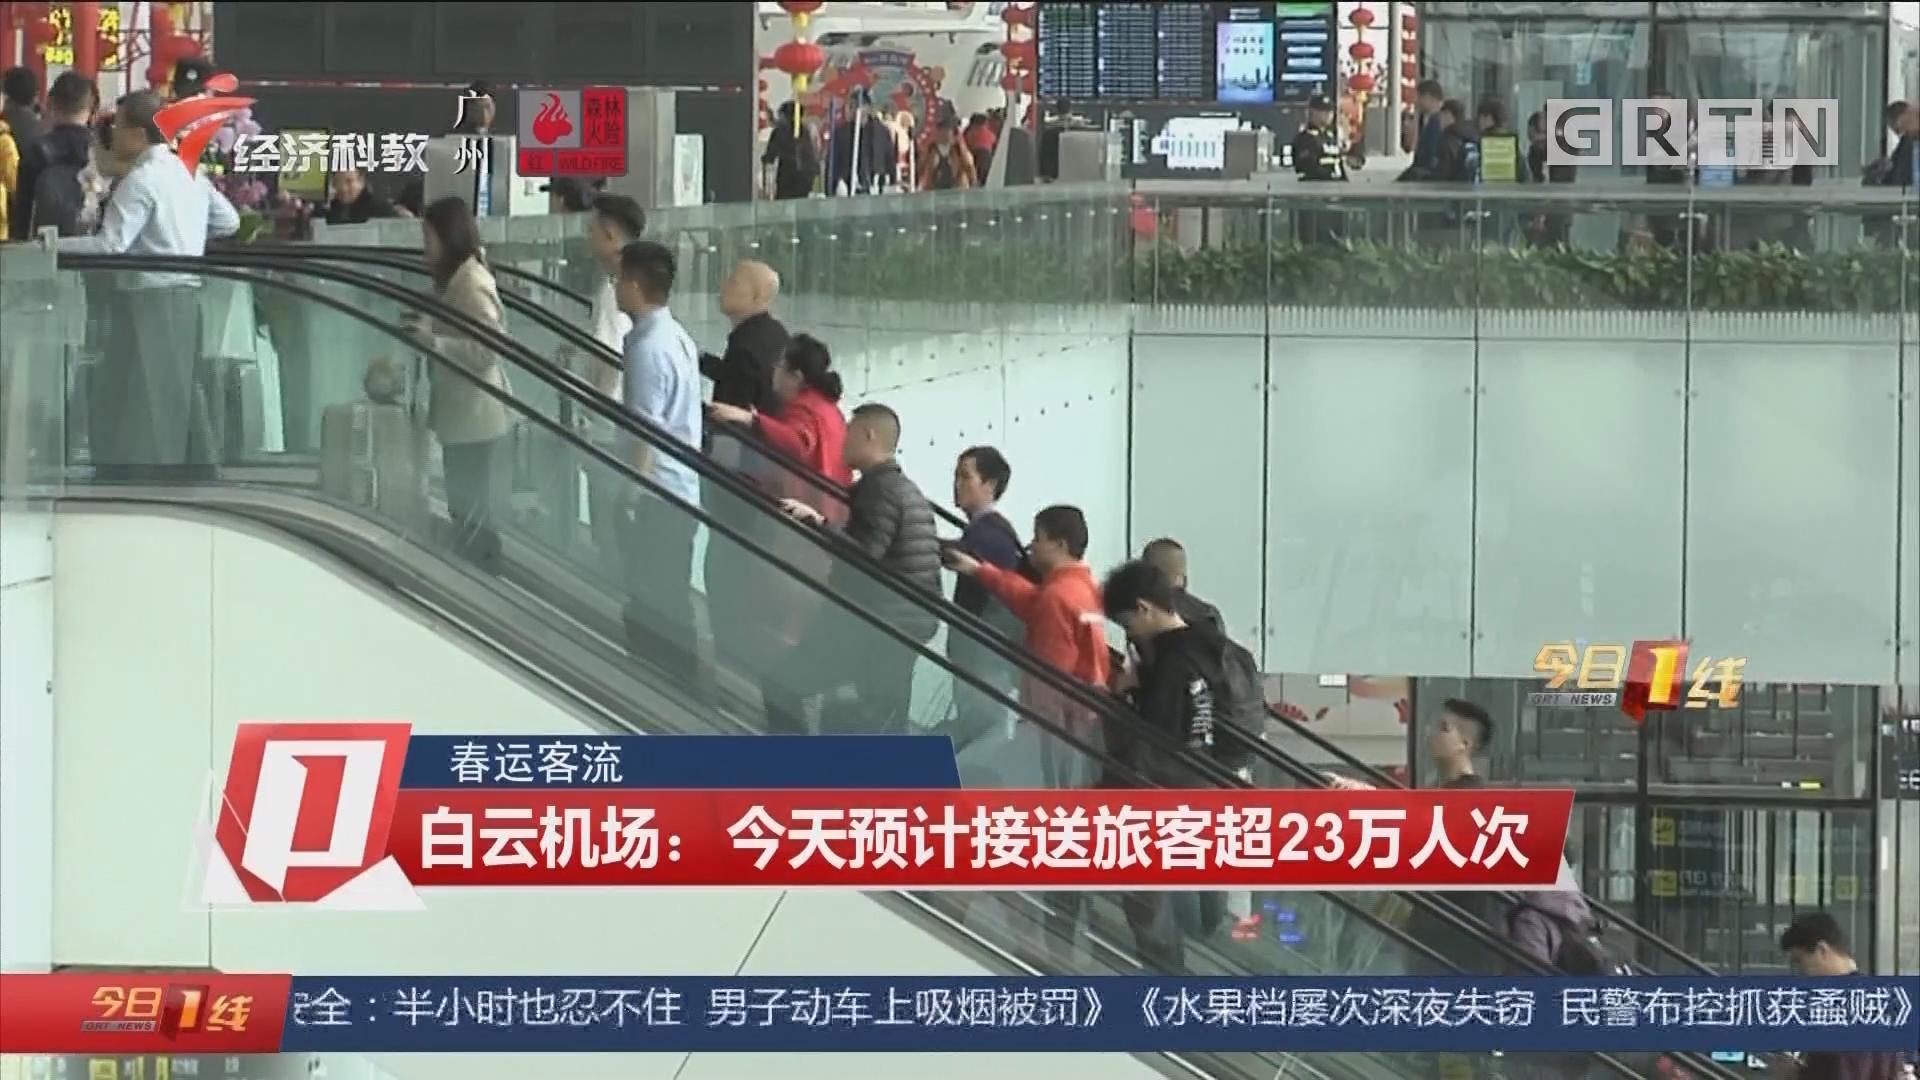 春运客流 白云机场:今天预计接送旅客超23万人次